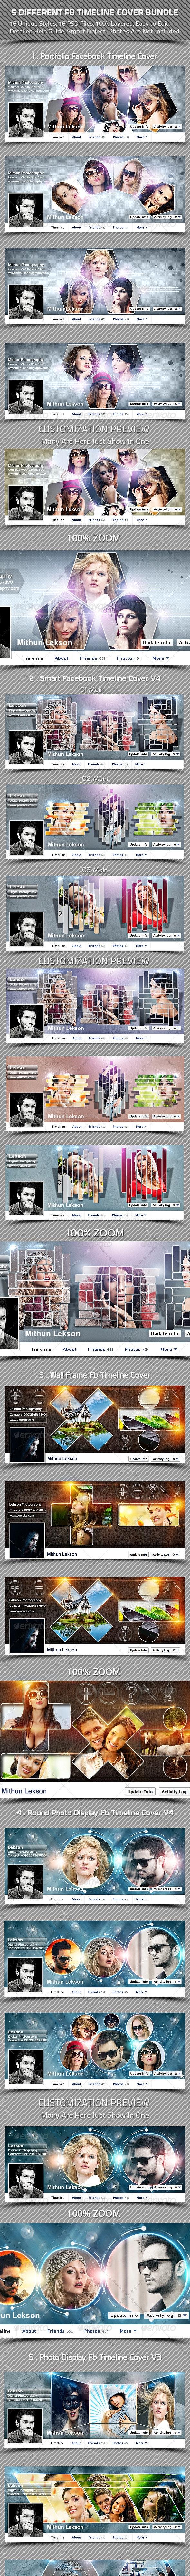 5 Different Facebook Timeline Cover Bundle - Facebook Timeline Covers Social Media